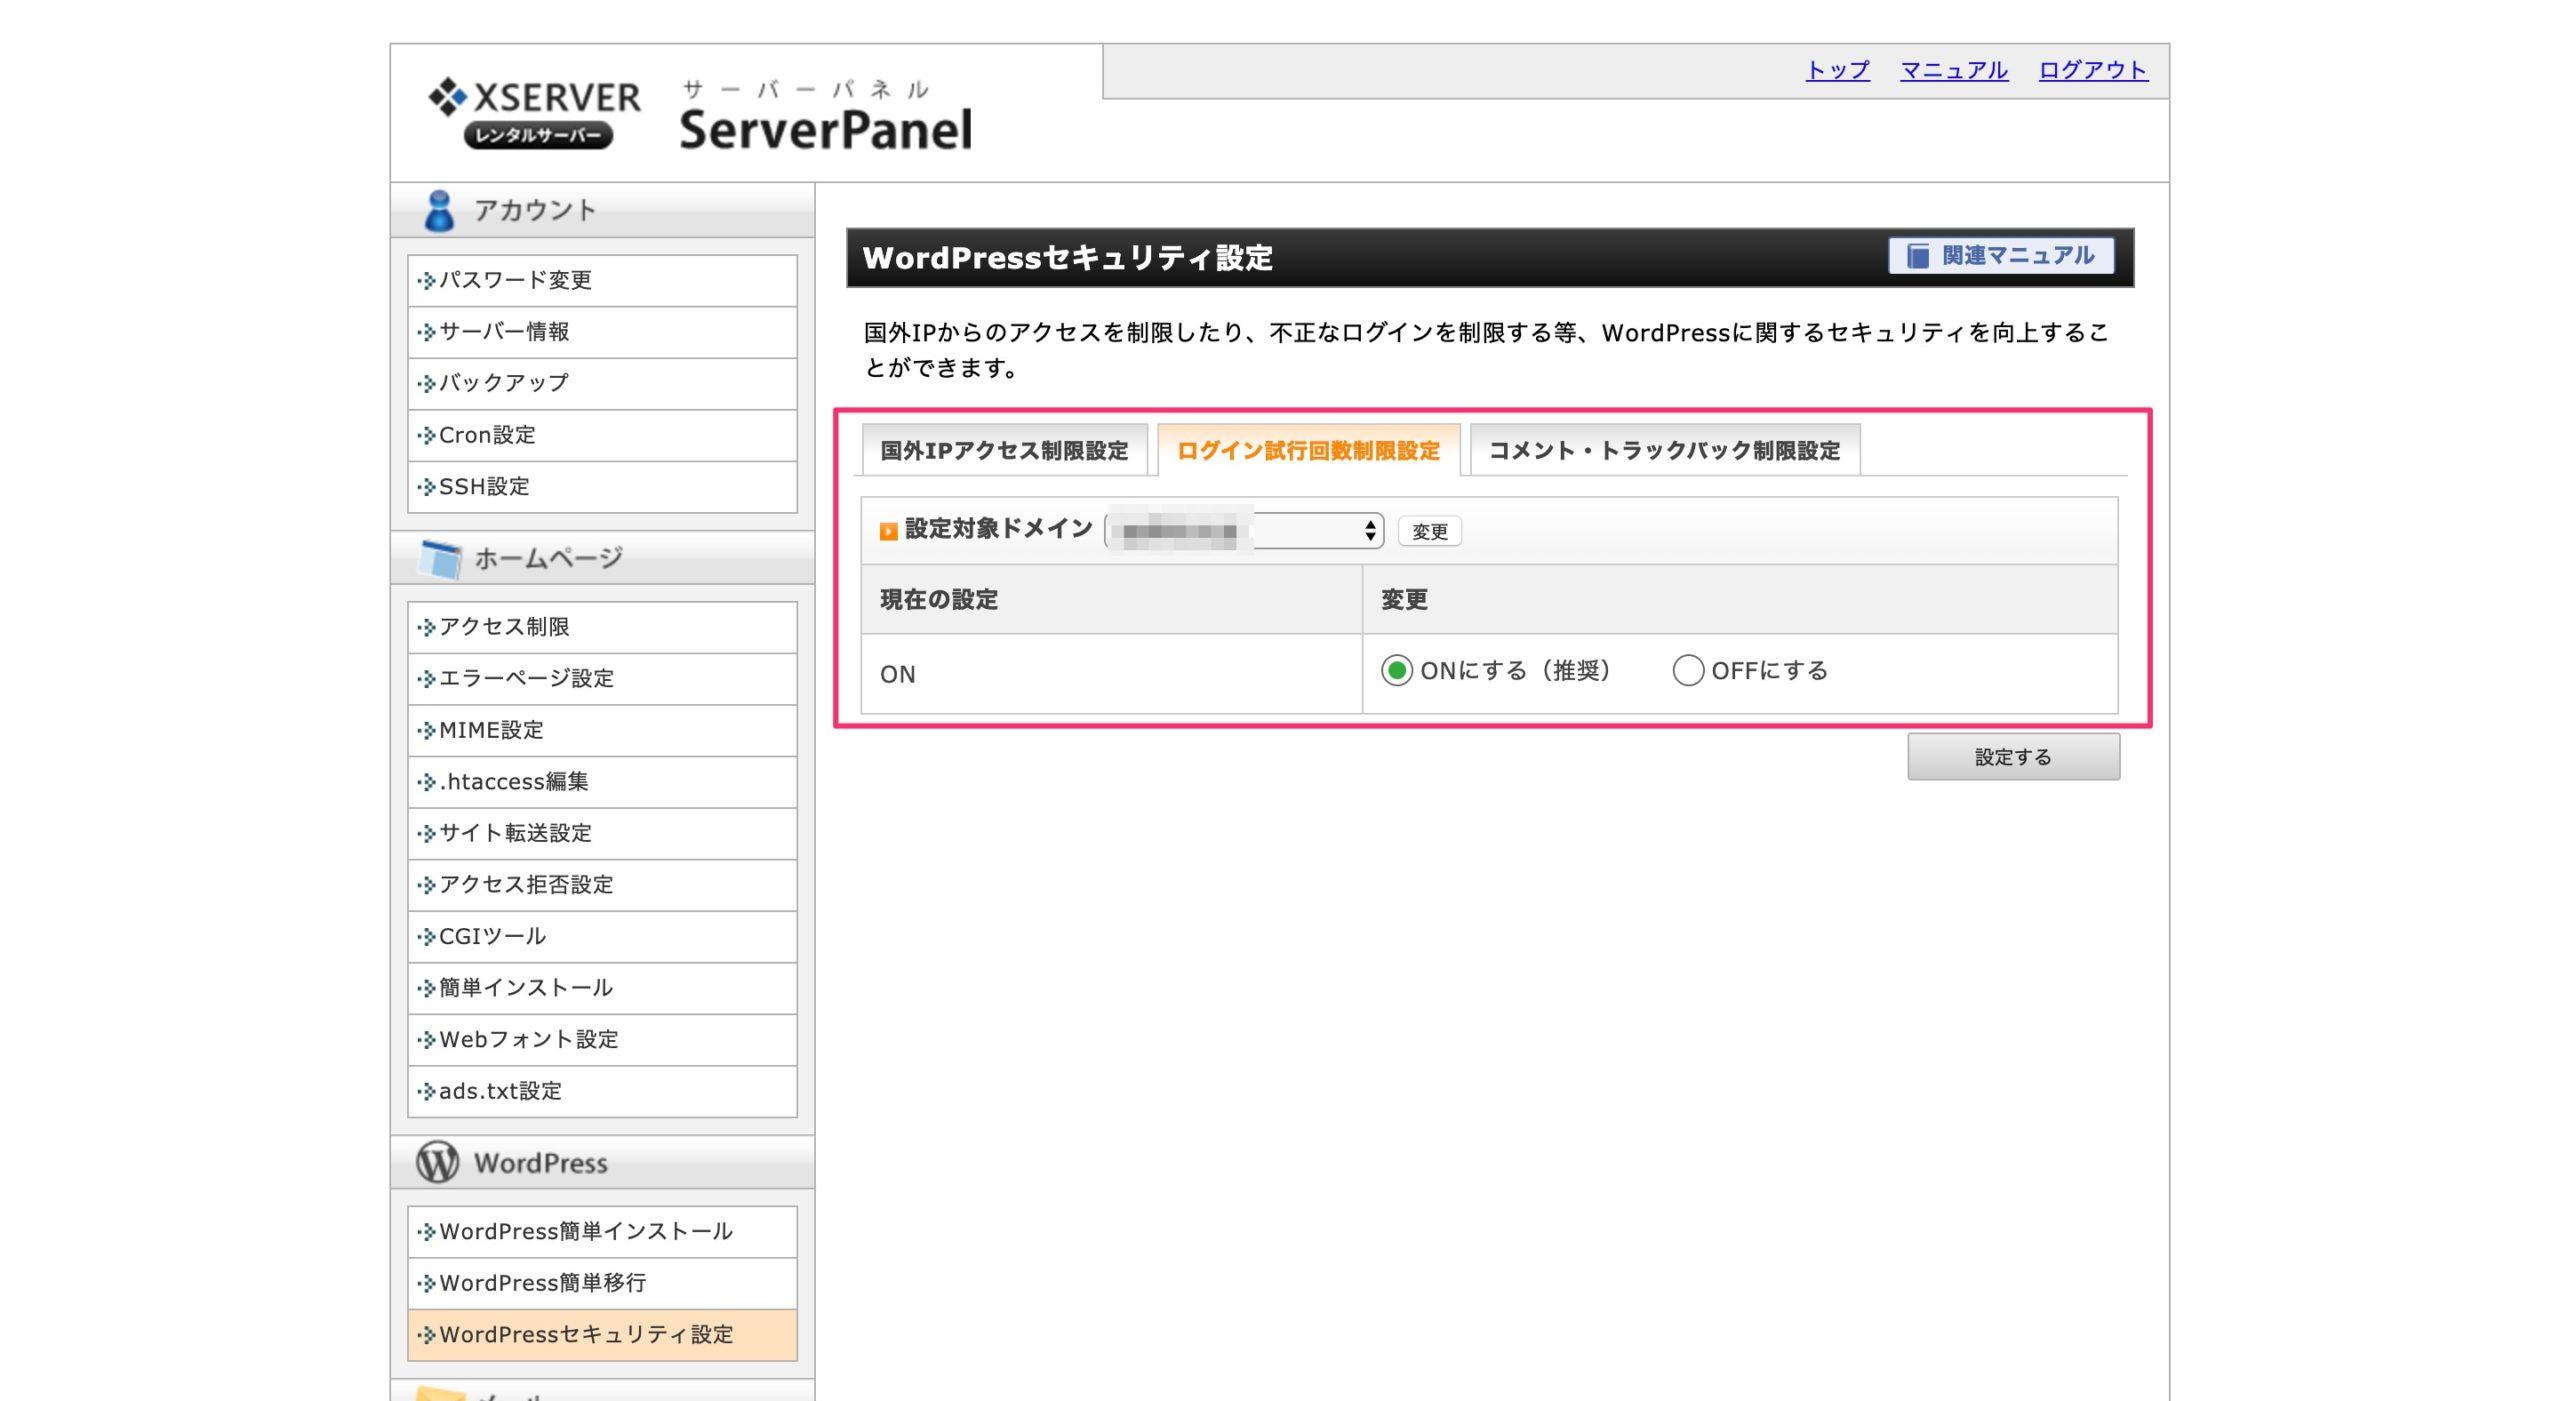 エックスサーバーのWordPressログイン試行回数制限設定